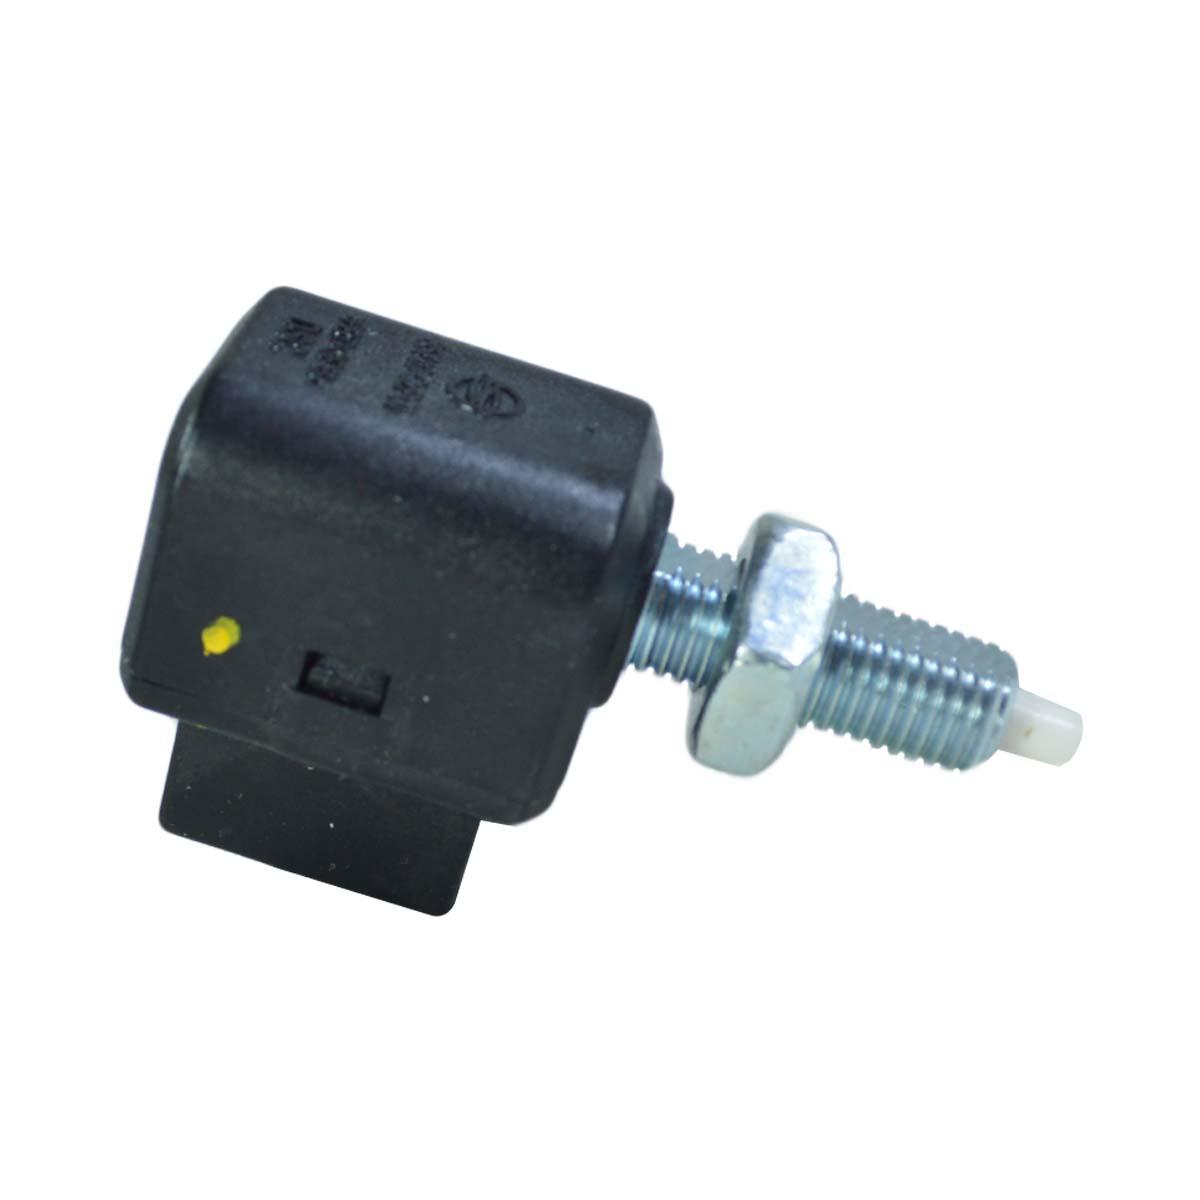 Sensor Pedal Freio Ssangyong Korando 2.0 após 2010 Original